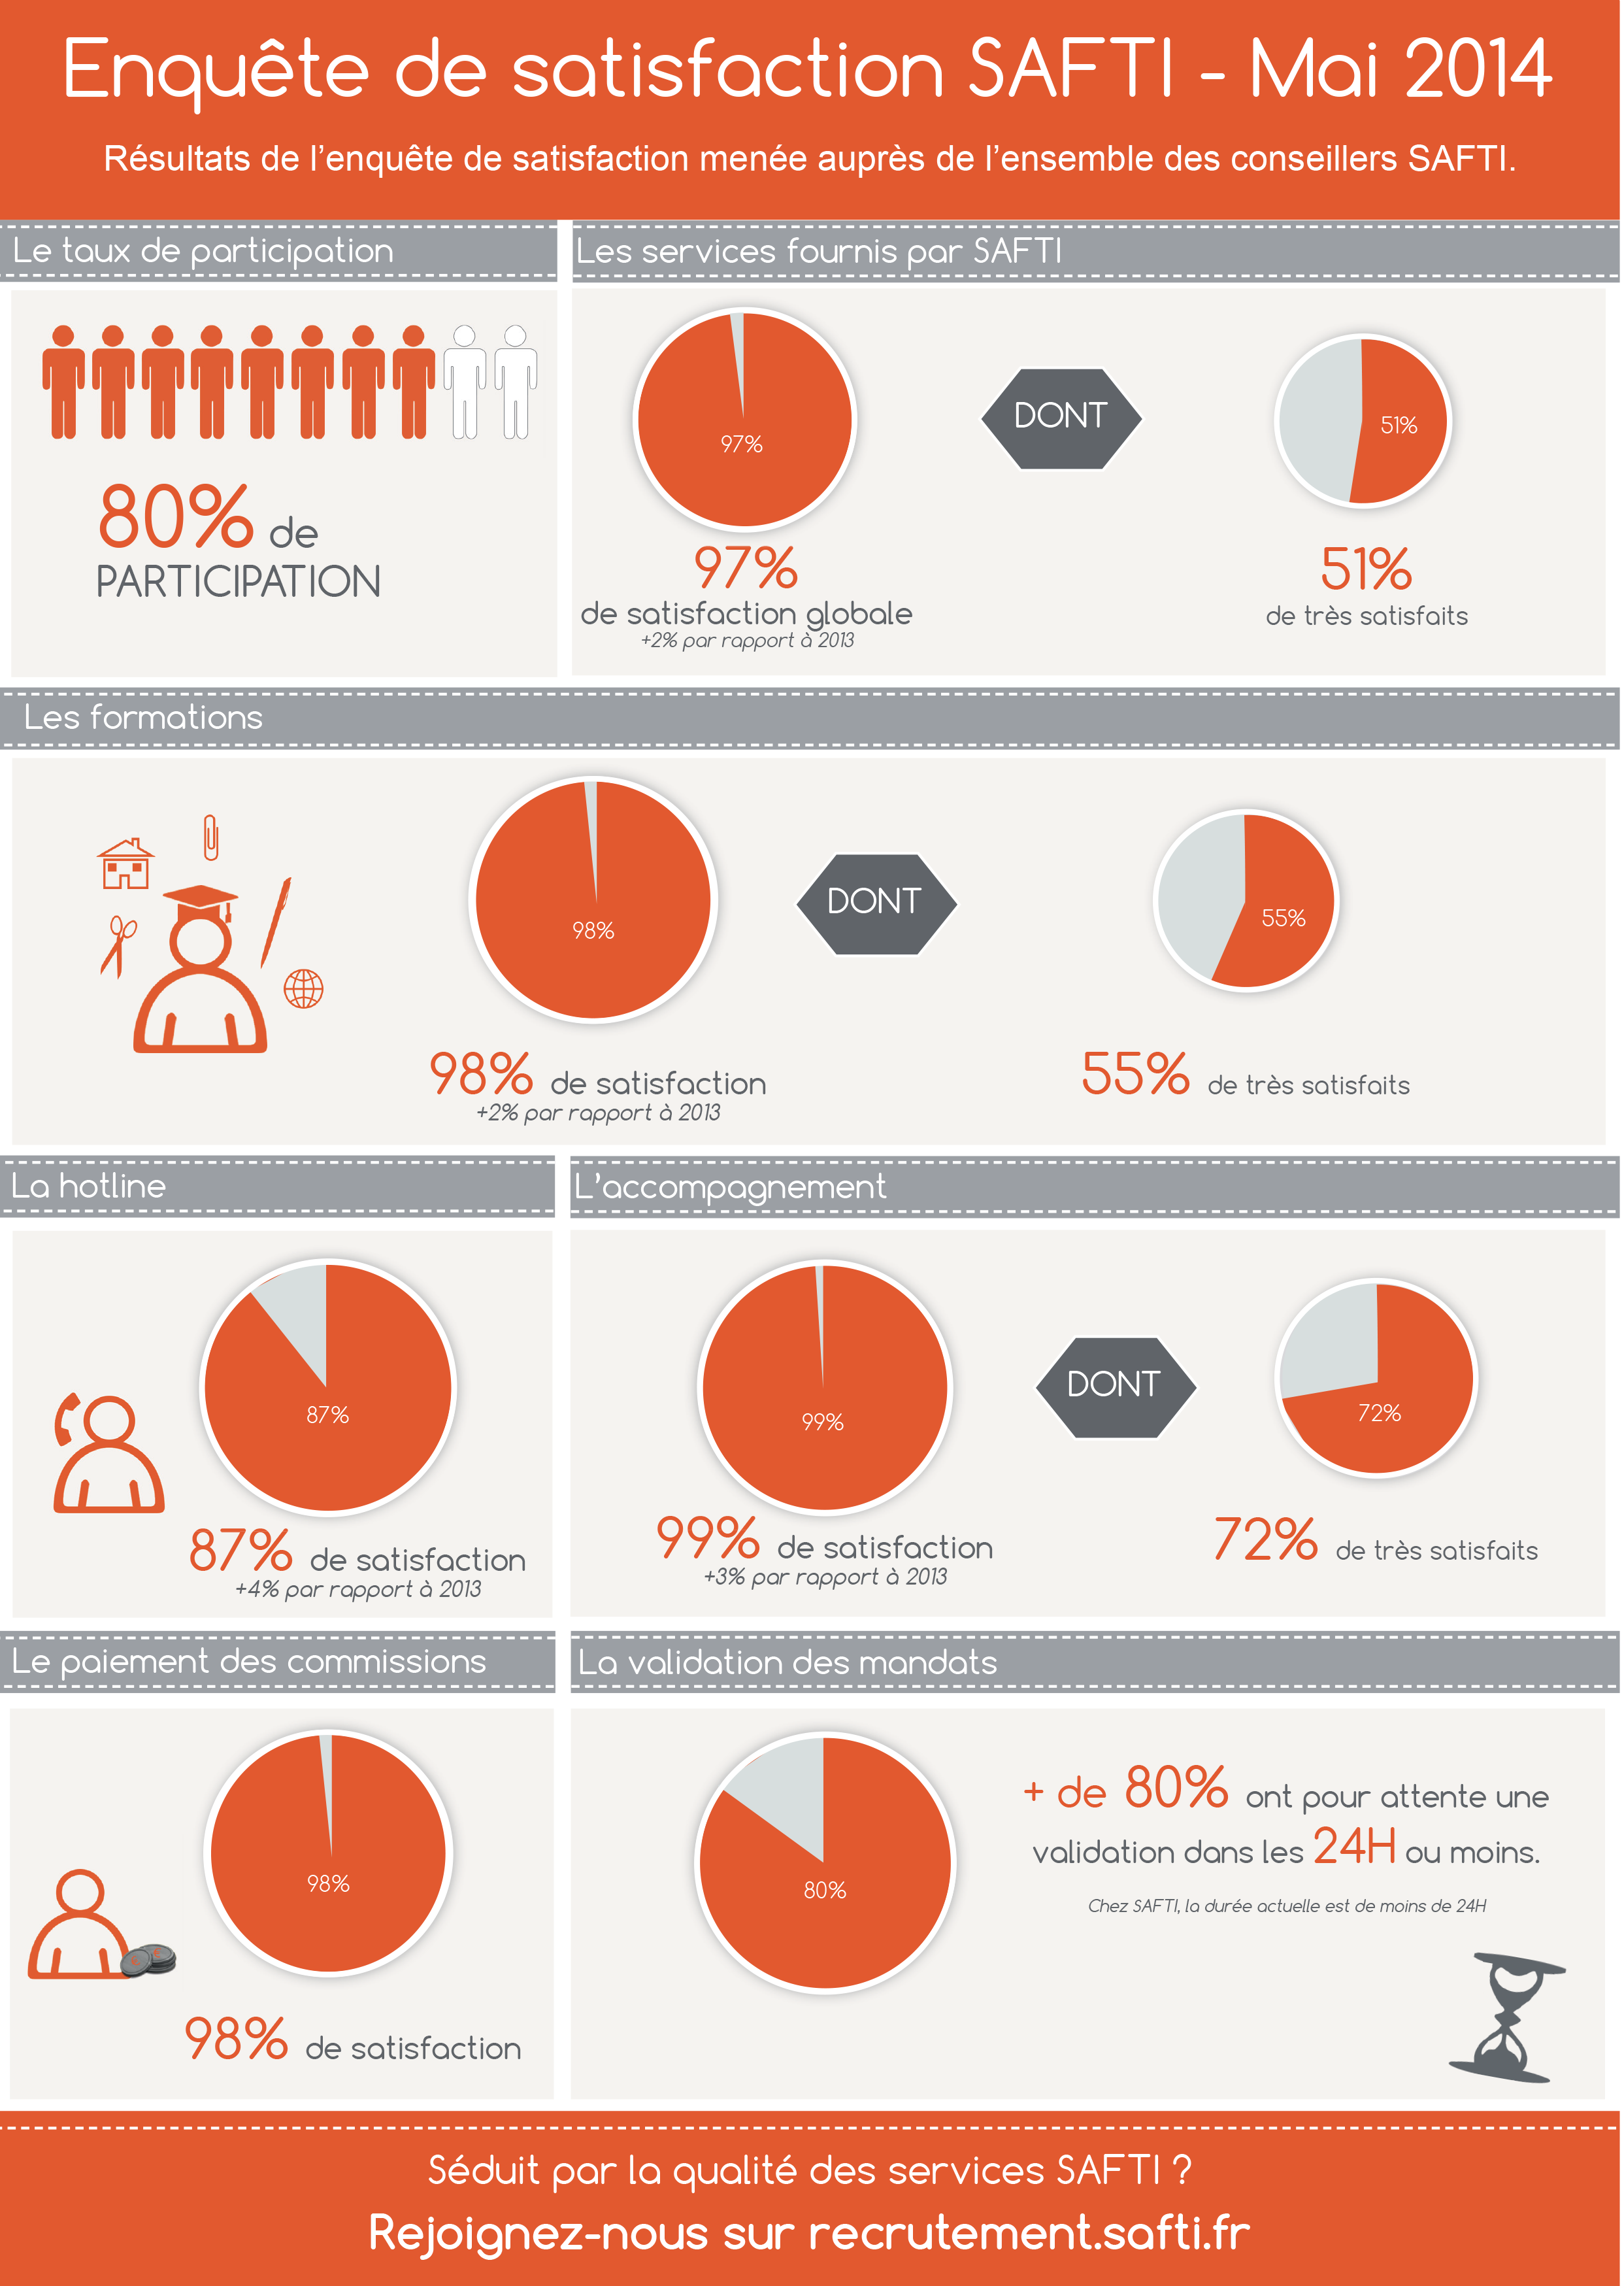 97% de conseillers satisfaits du réseau immobilier SAFTI